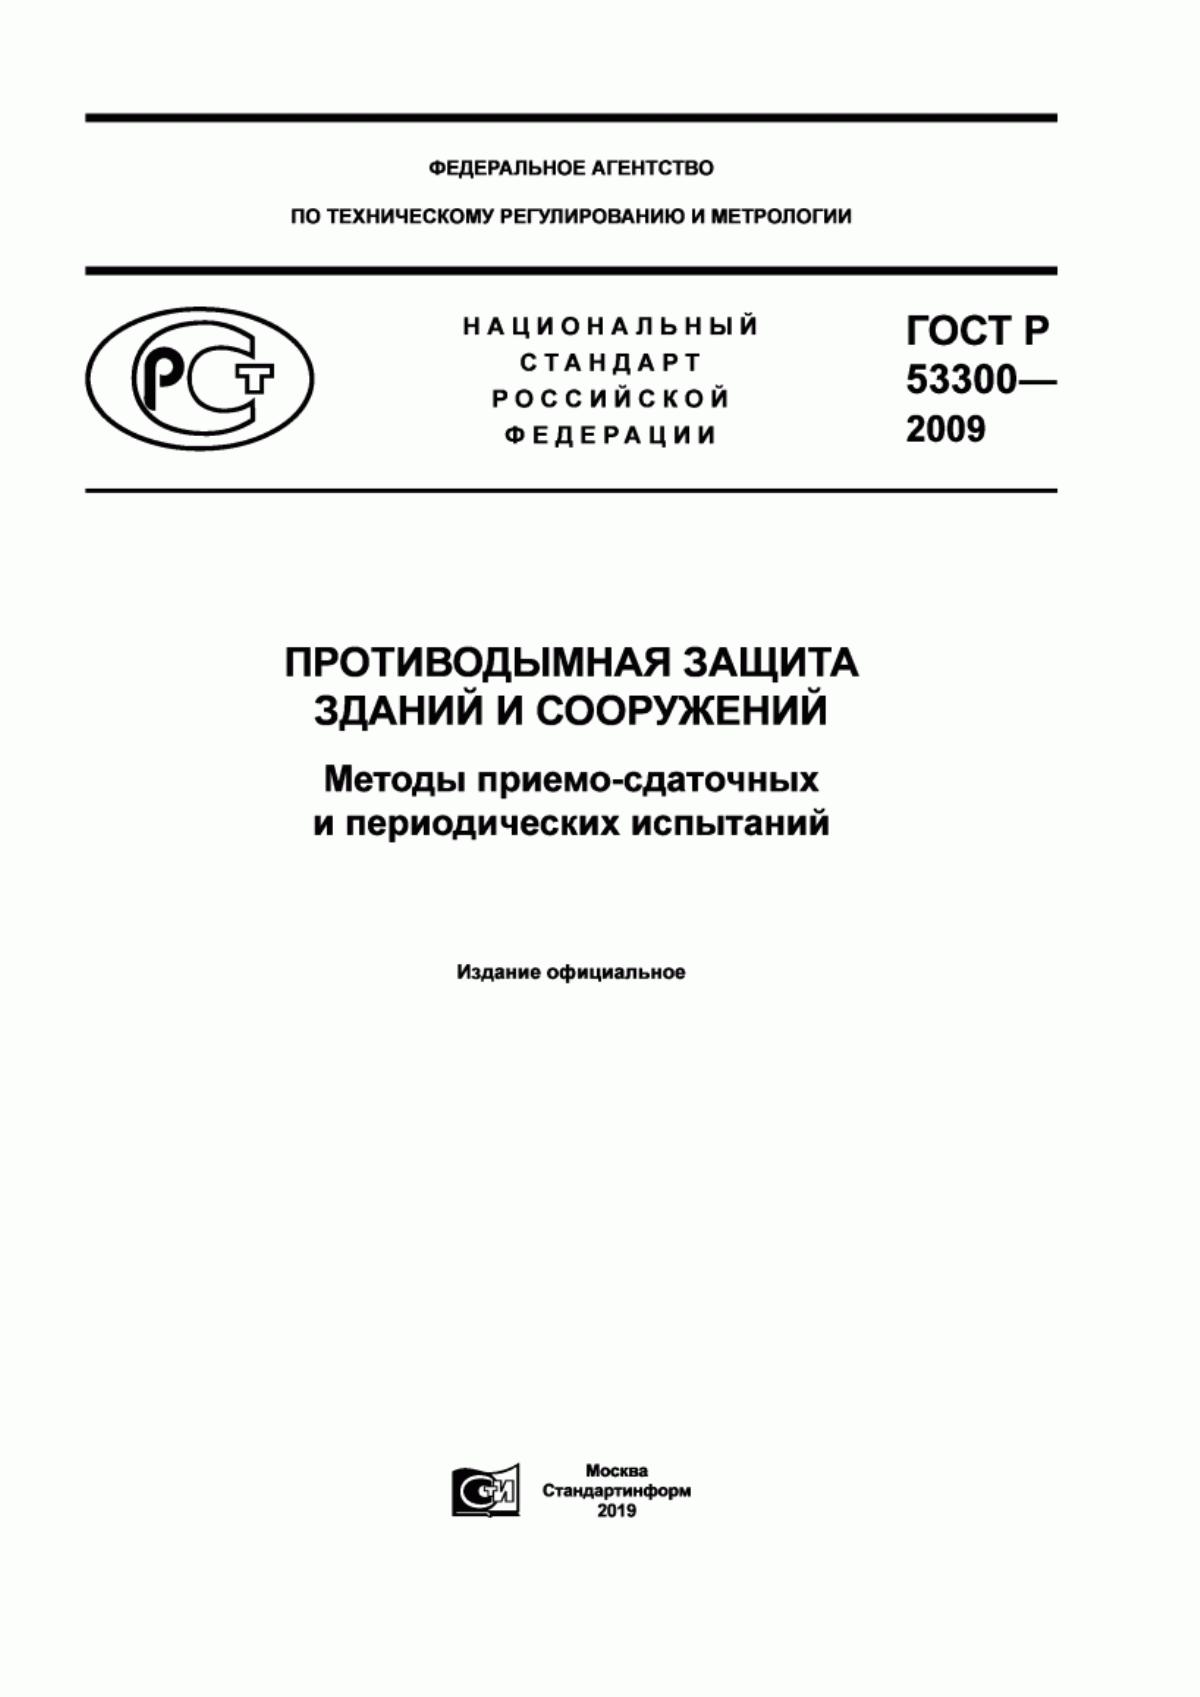 Гост 30247.0-94 (исо 834-75) конструкции строительные. методы испытаний на огнестойкость. общие требования